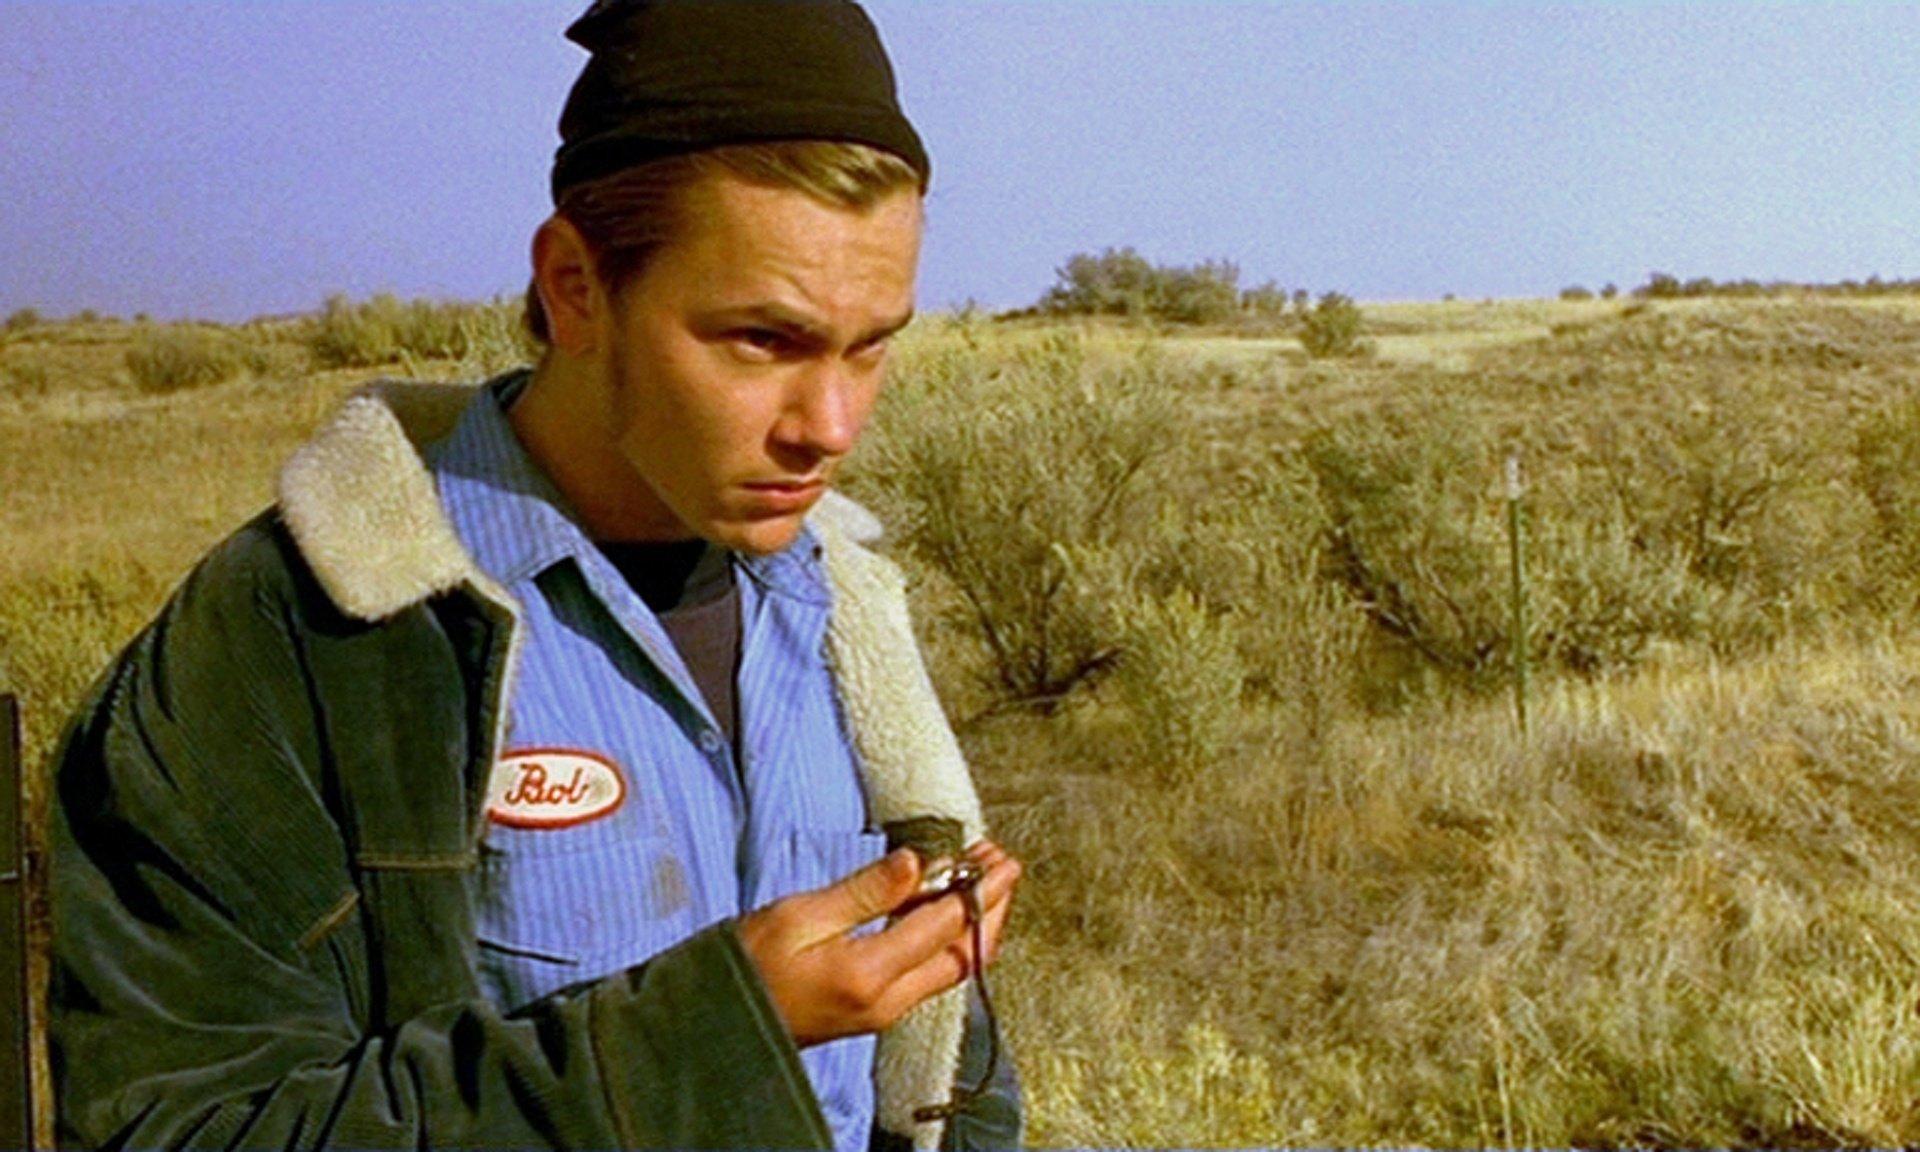 Картинки по запросу ривер феникс мой личный штат айдахо шапка